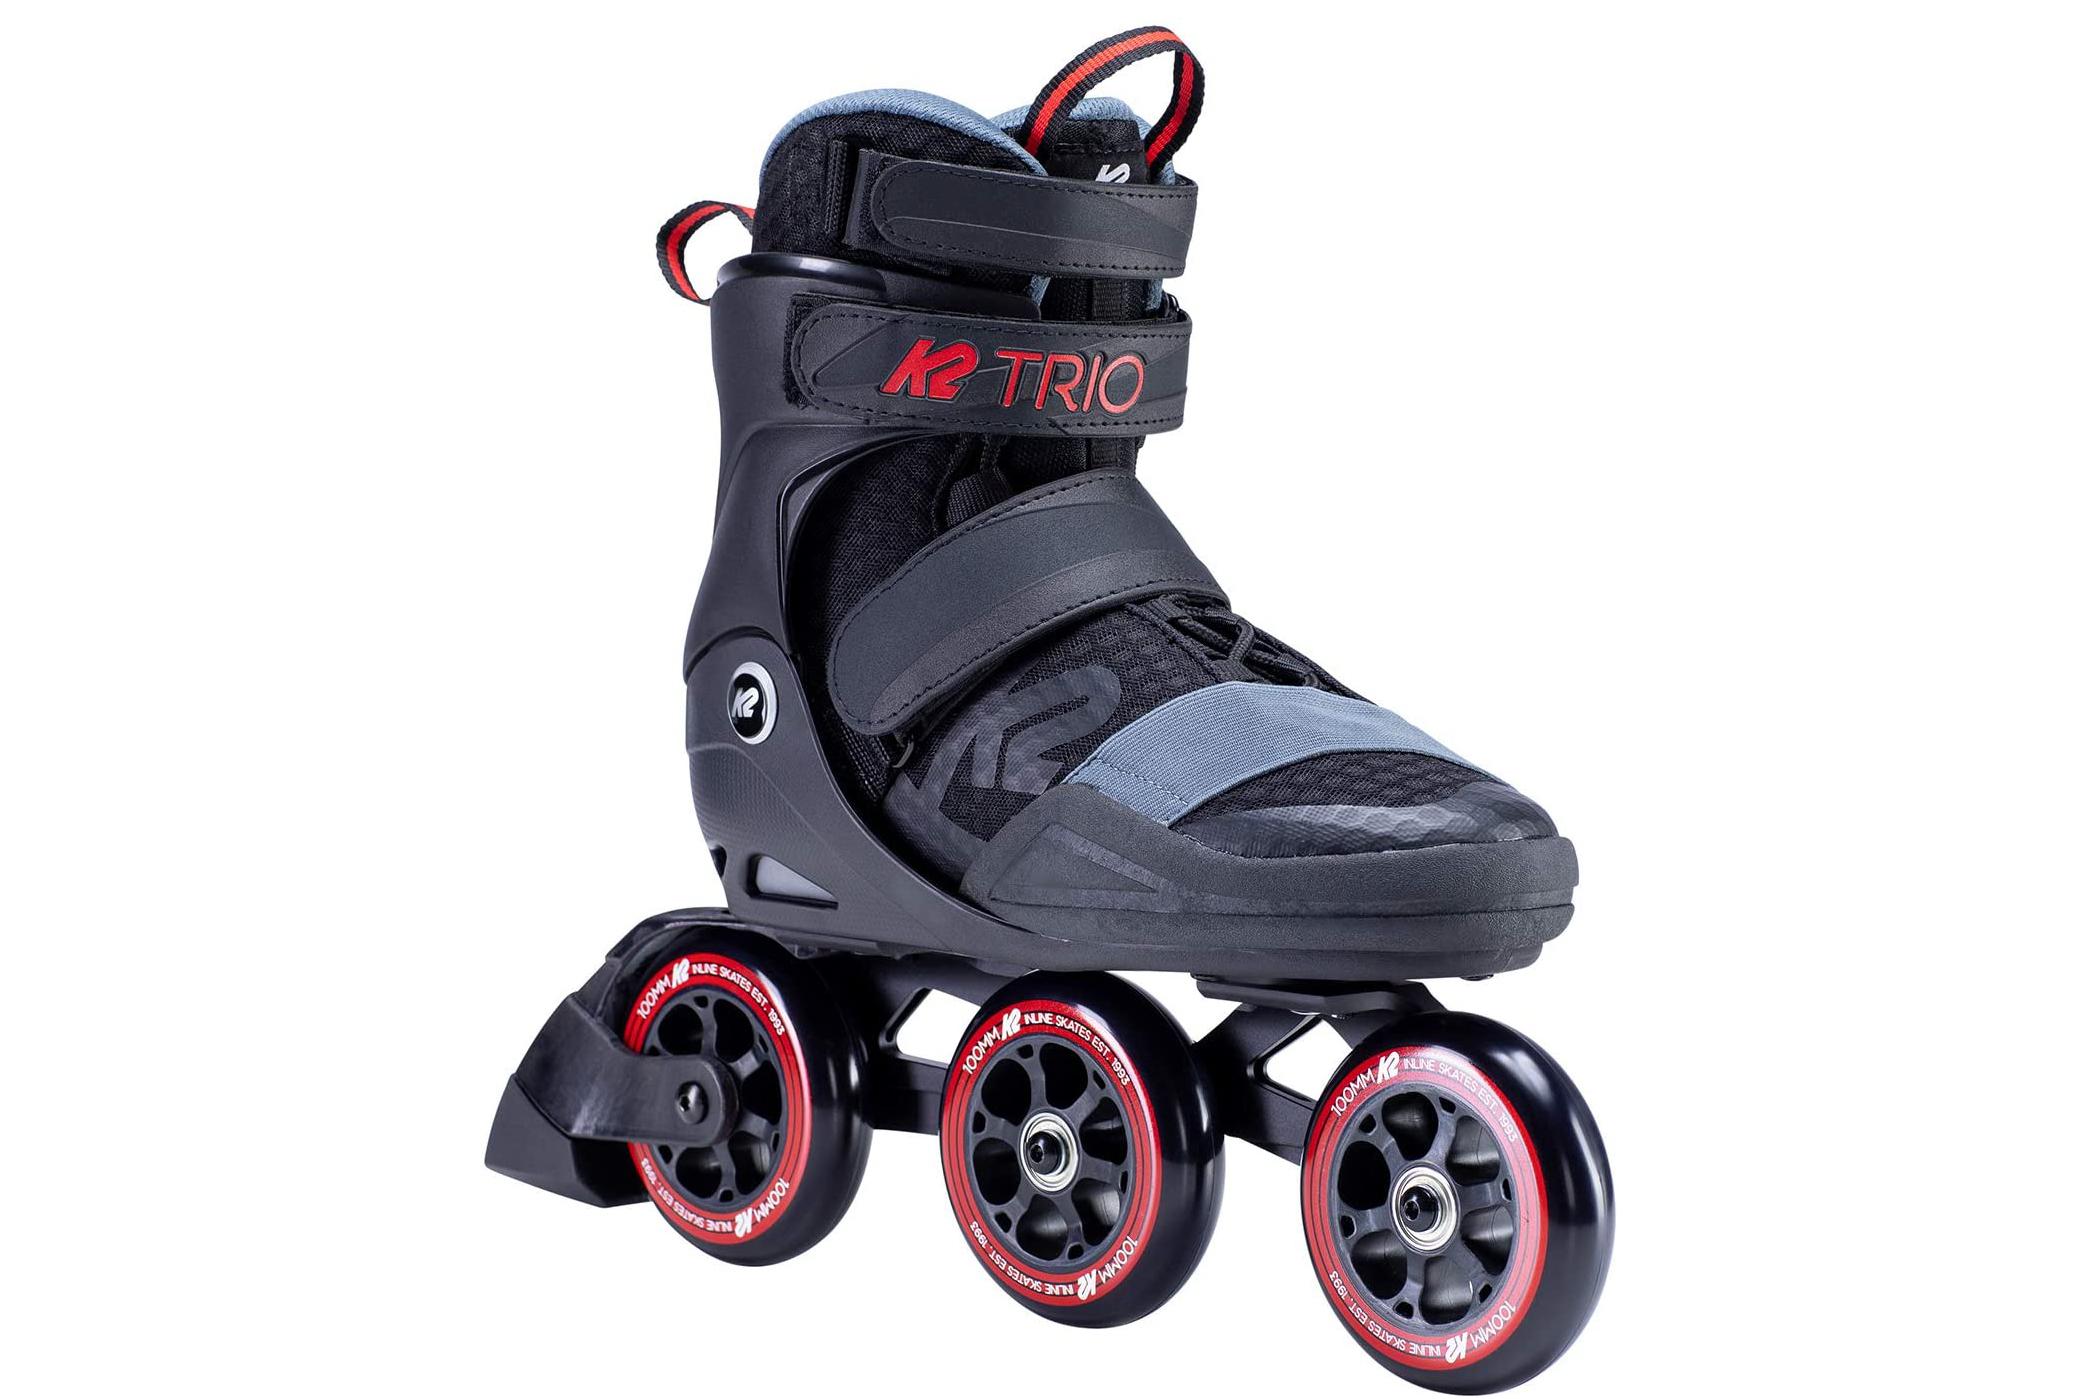 k2-skate-trio-s-100